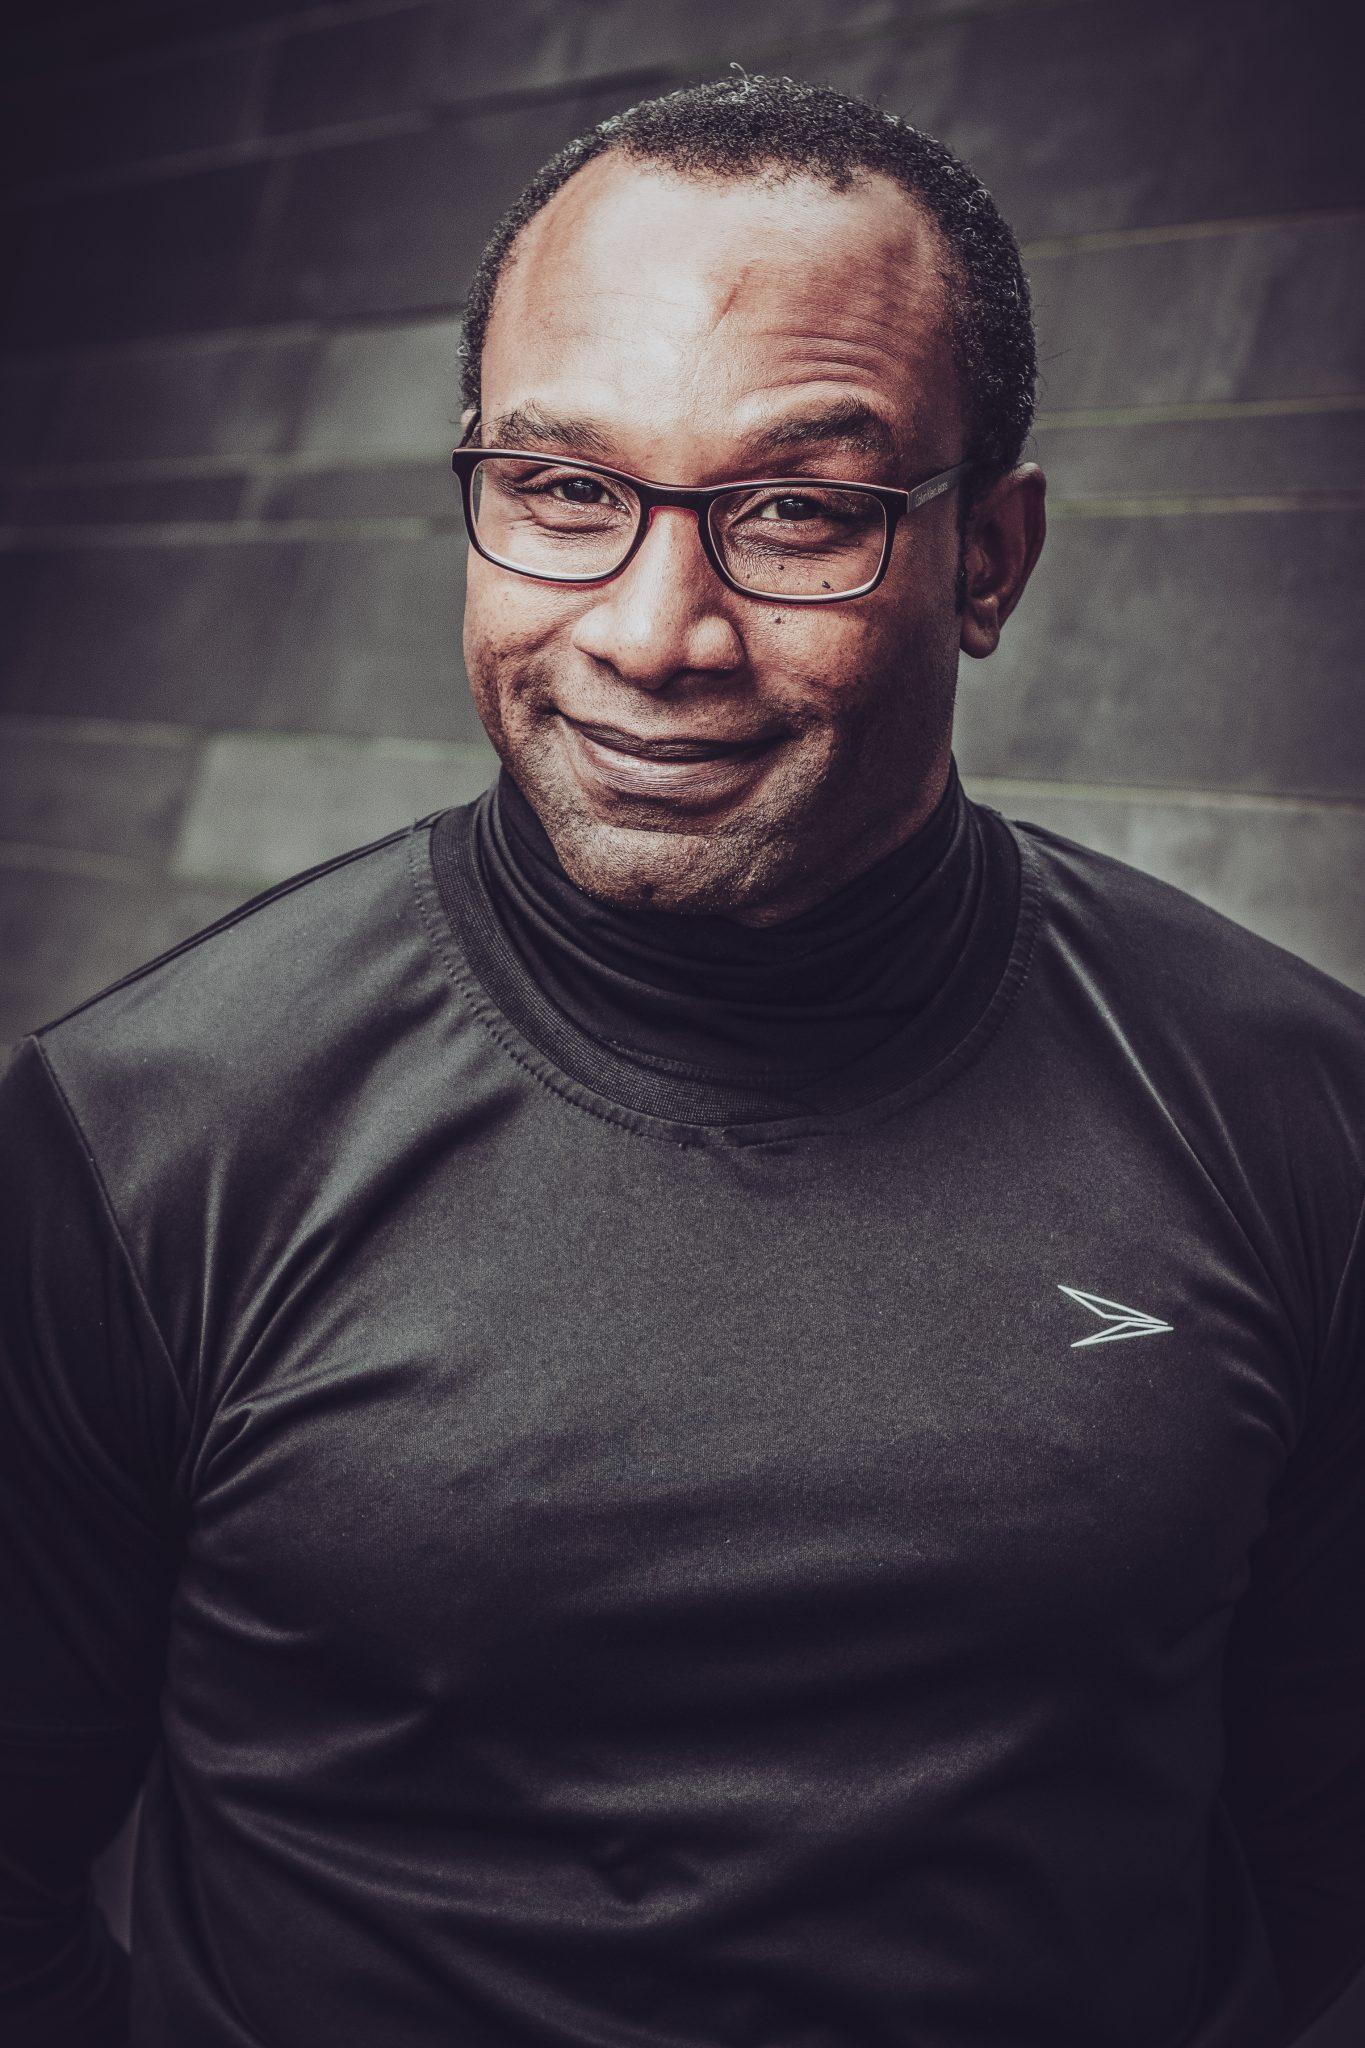 Clyde Portretfotografie Magazine Lister